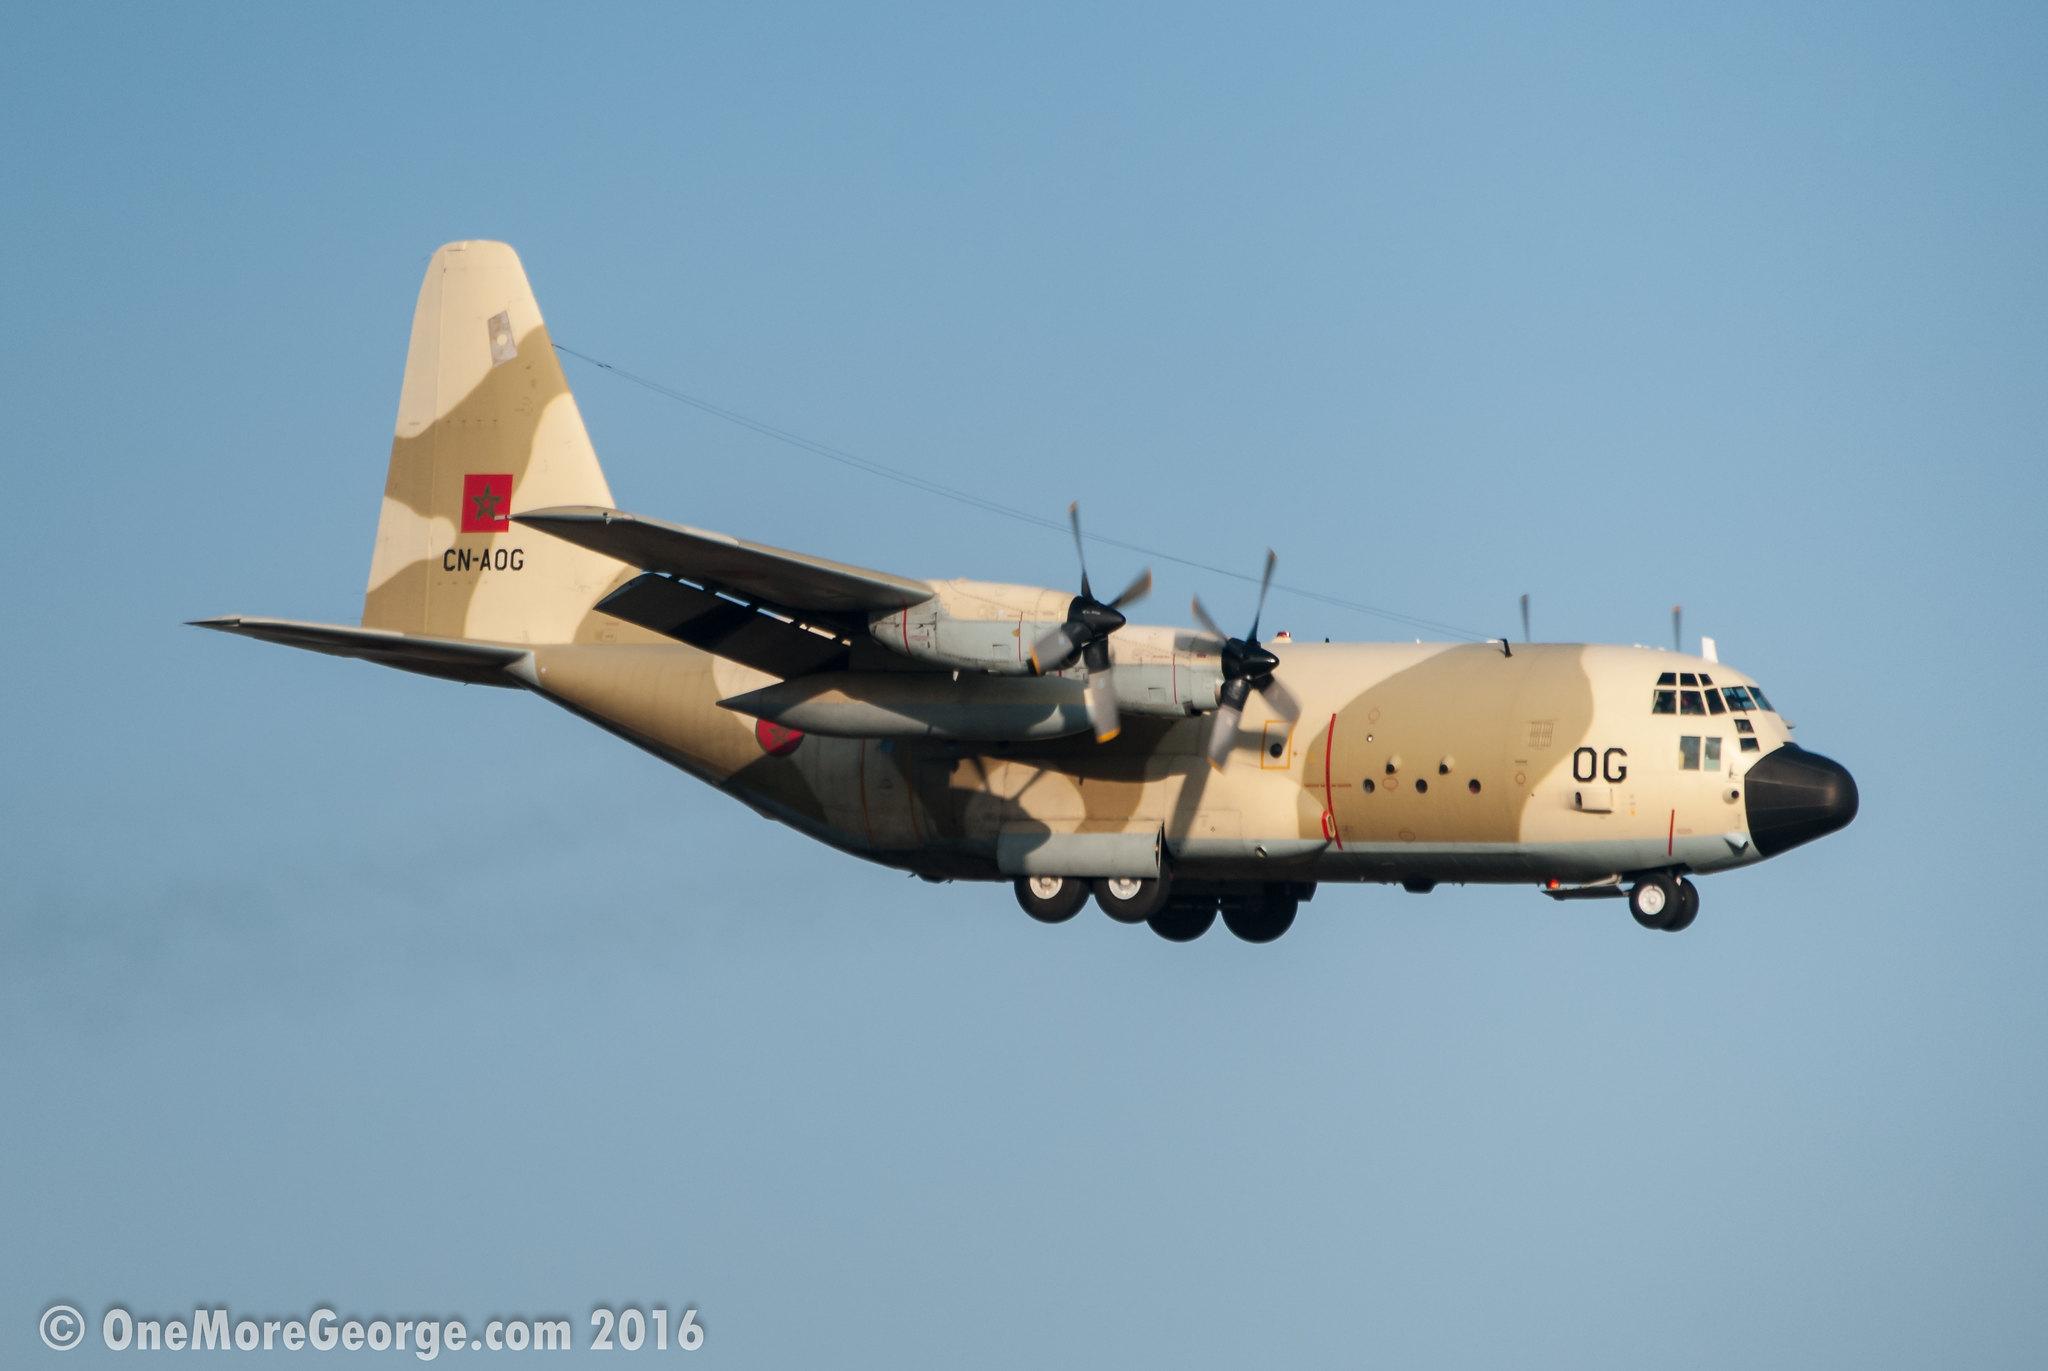 FRA: Photos d'avions de transport - Page 27 25820943363_4a12fc1a8a_k